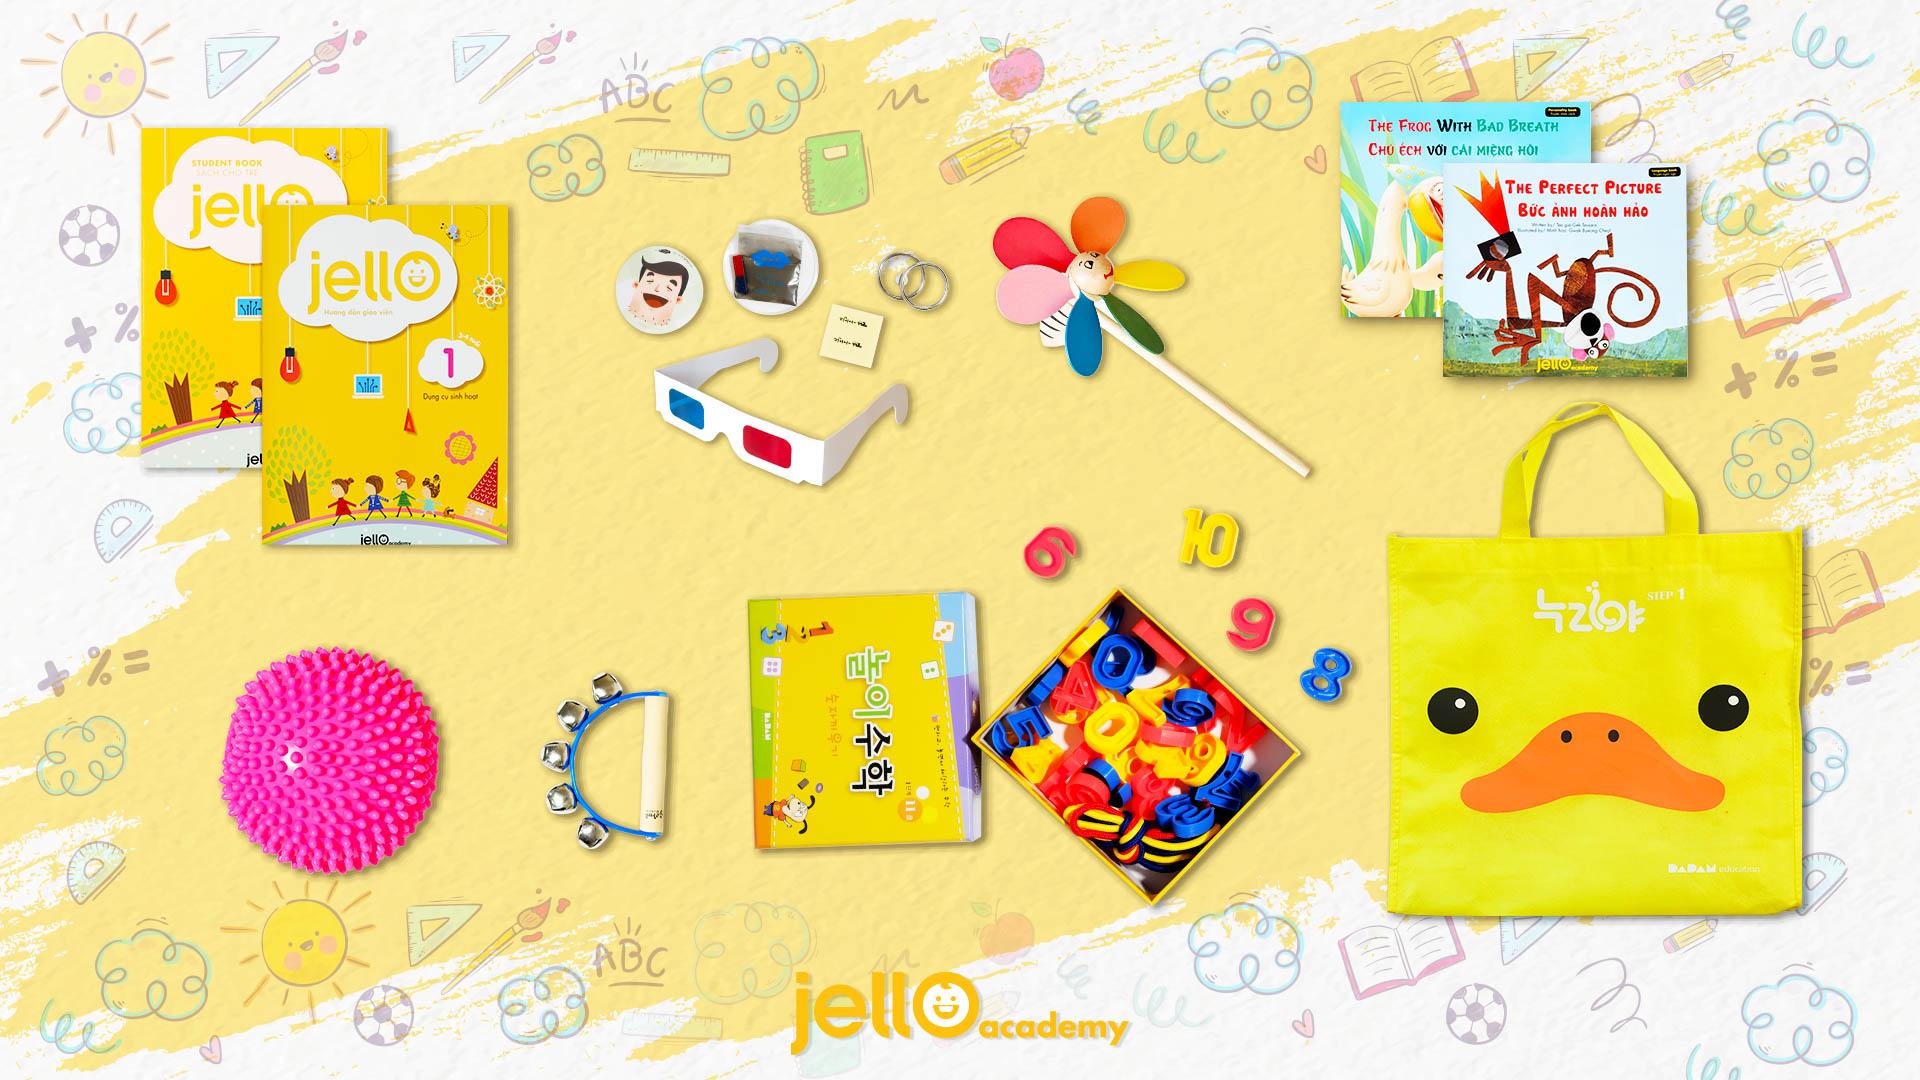 Bộ Học Cụ Jello - 3 Tuổi - Tháng 01